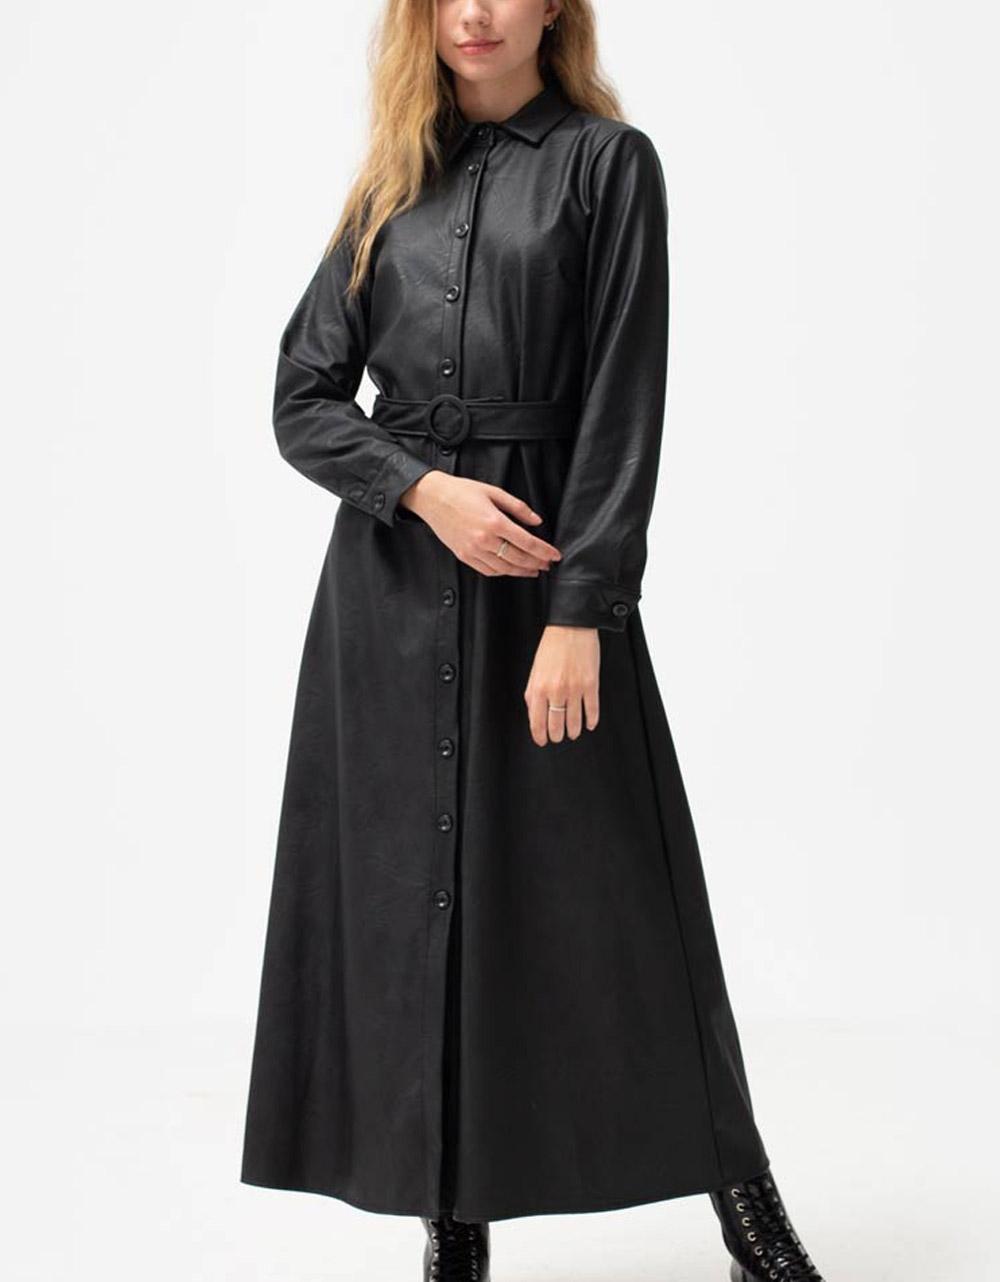 Εικόνα από Γυναικείο φόρεμα με κουμπιά Μαύρο